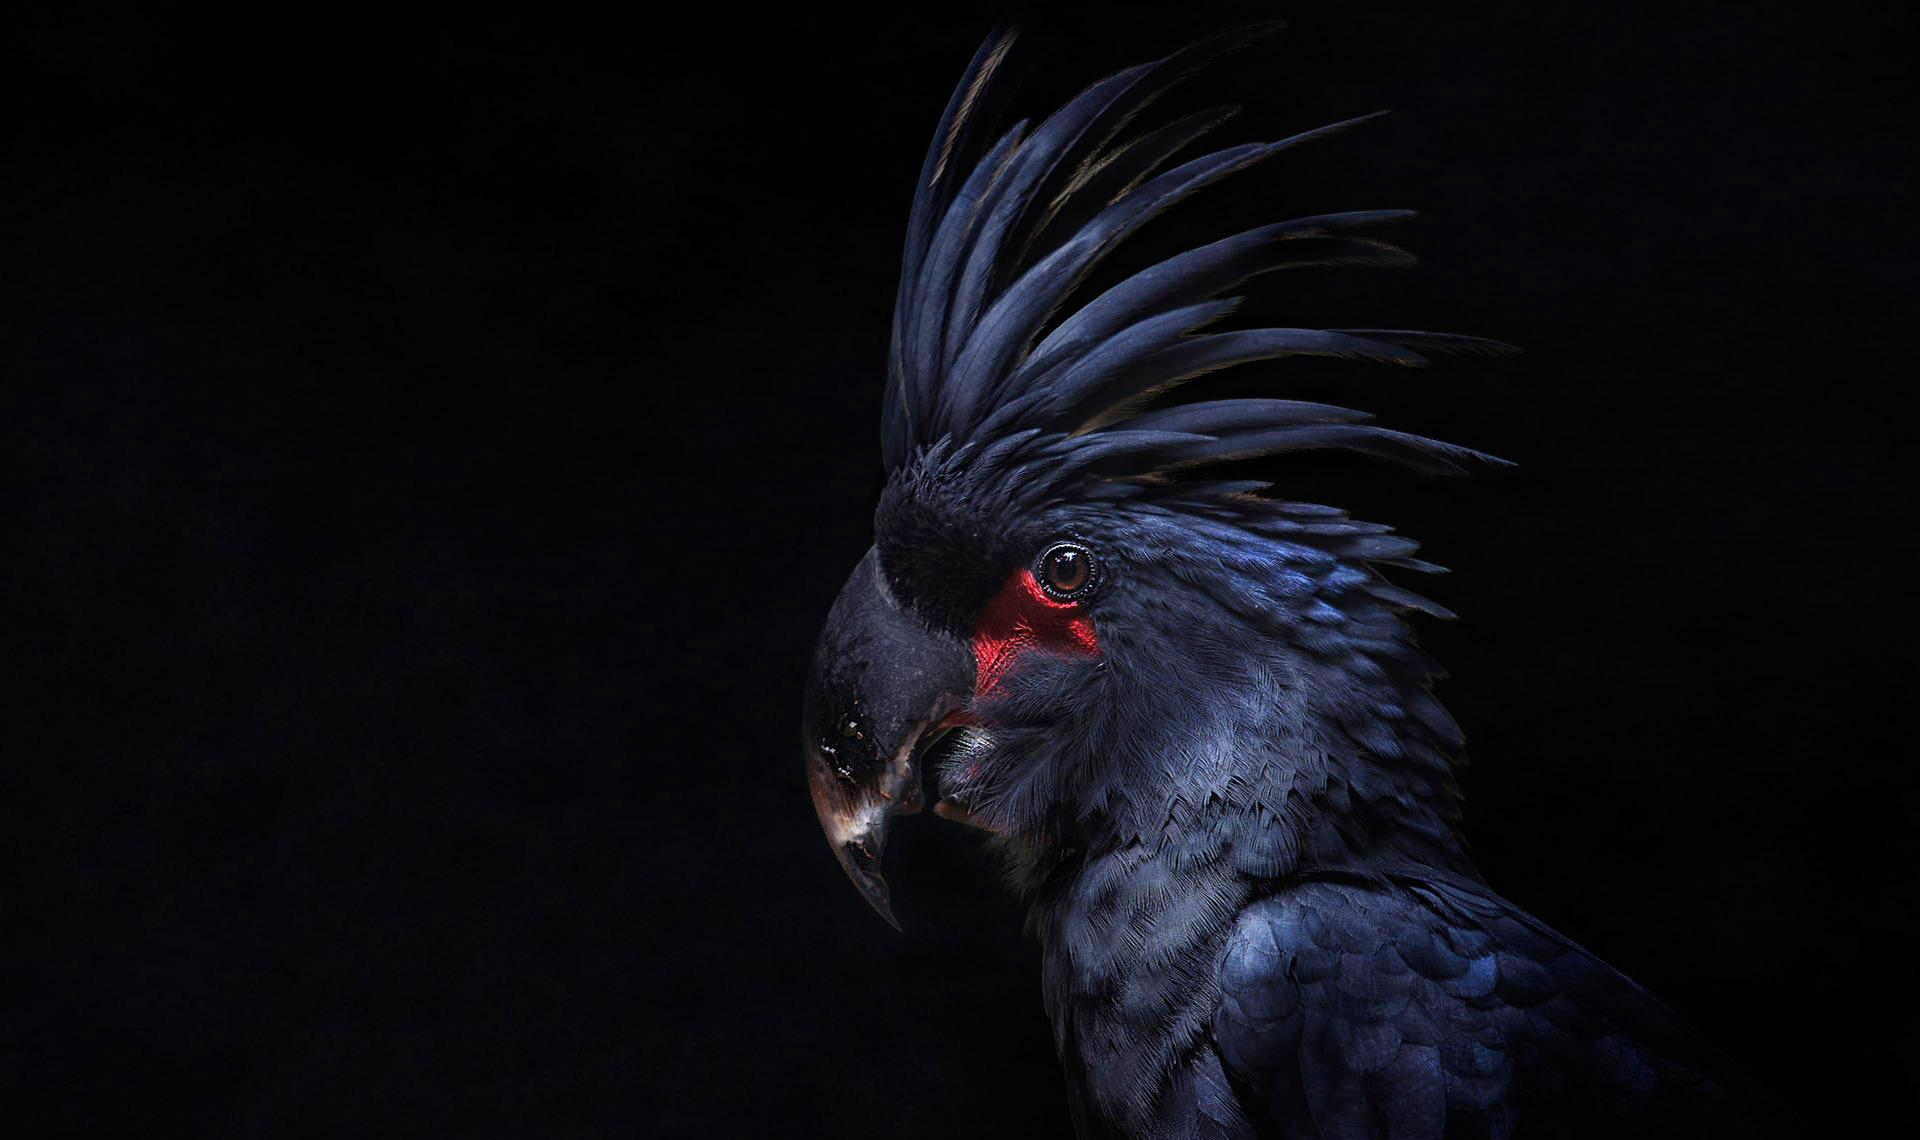 его фото птиц на черном фоне автомобиль